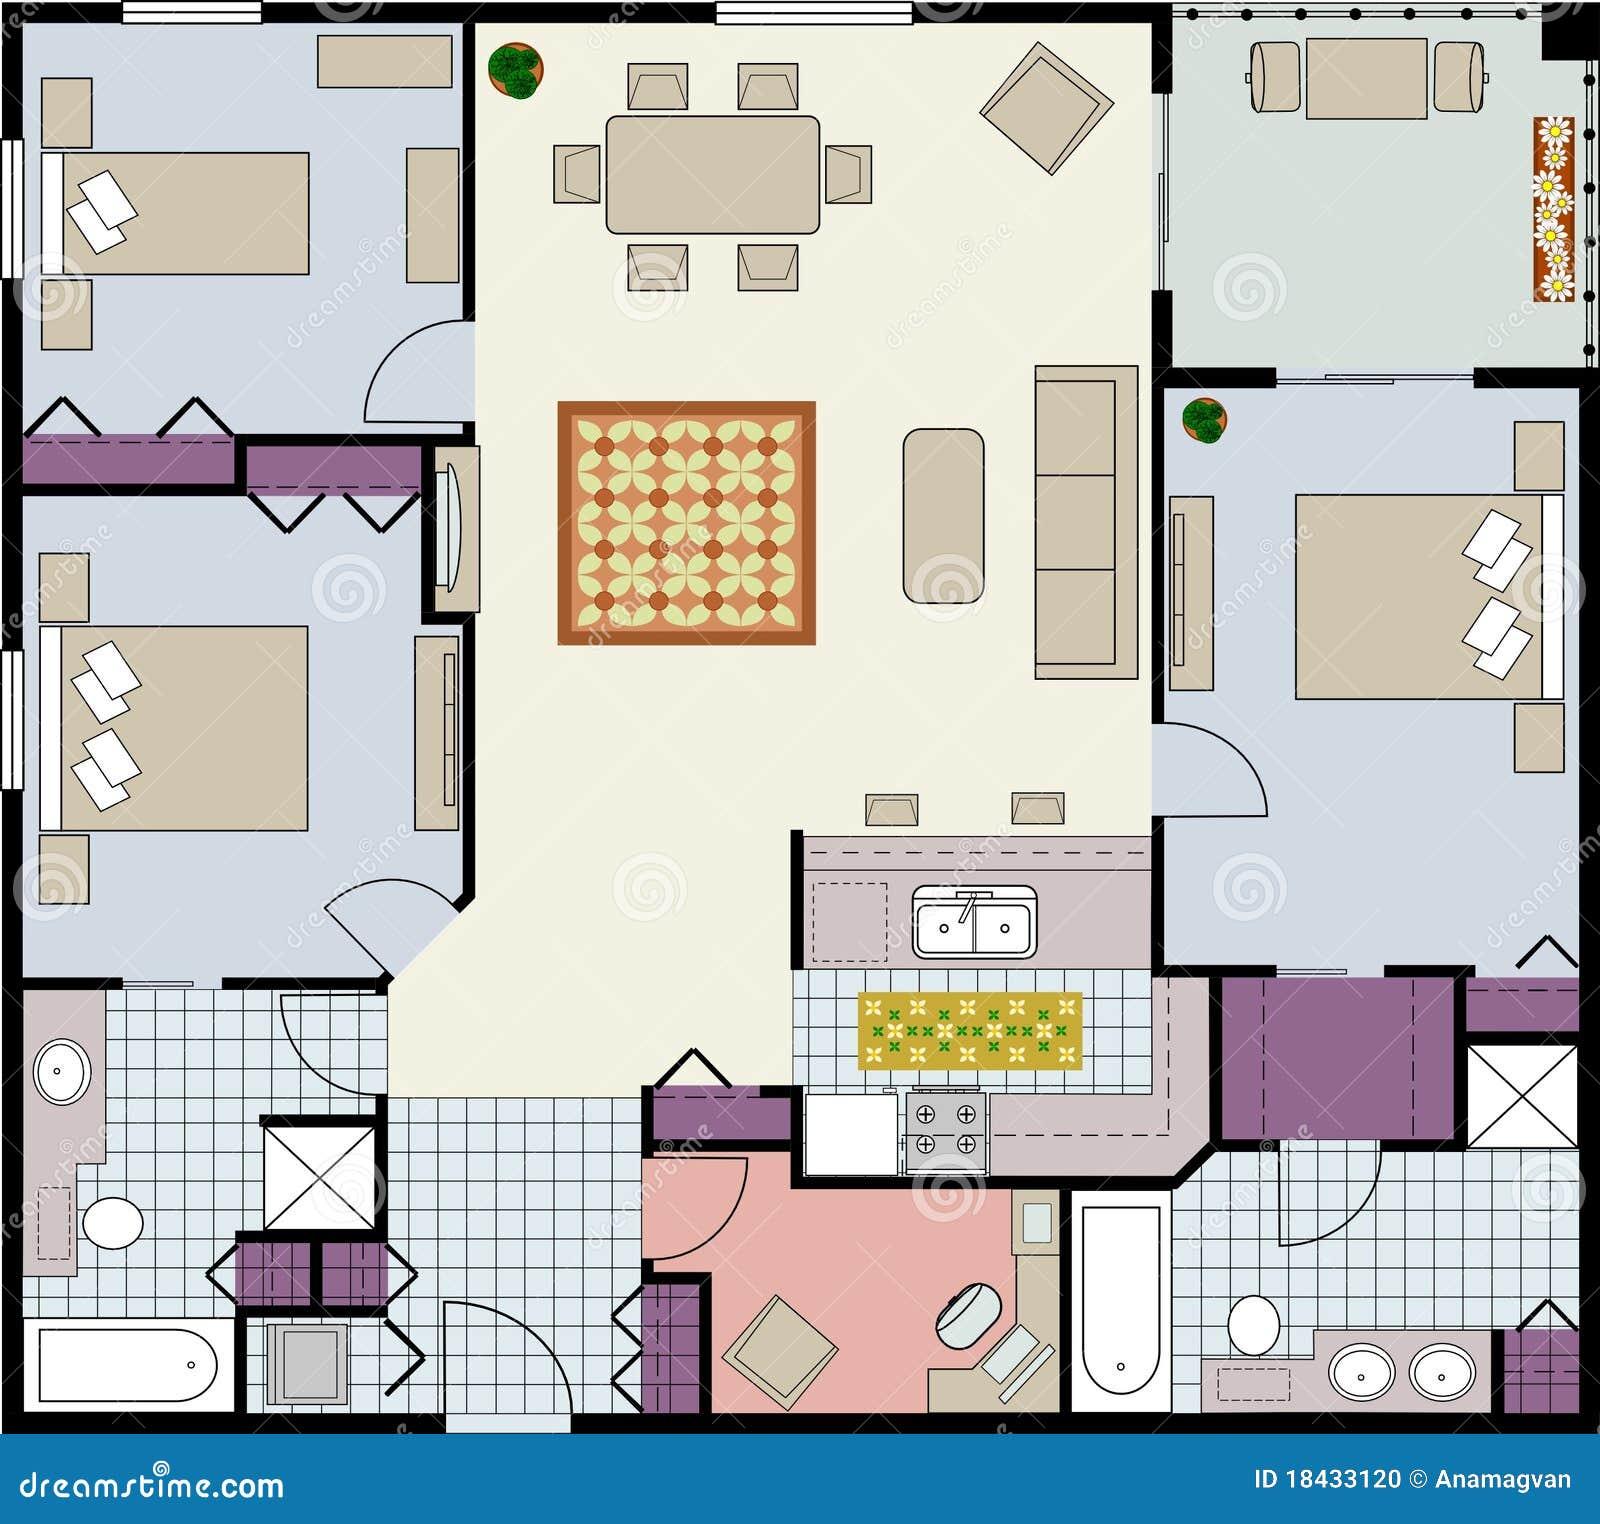 Three bedroom floor plan stock photo image 18433120 - Bedroom architectural floor plans ...